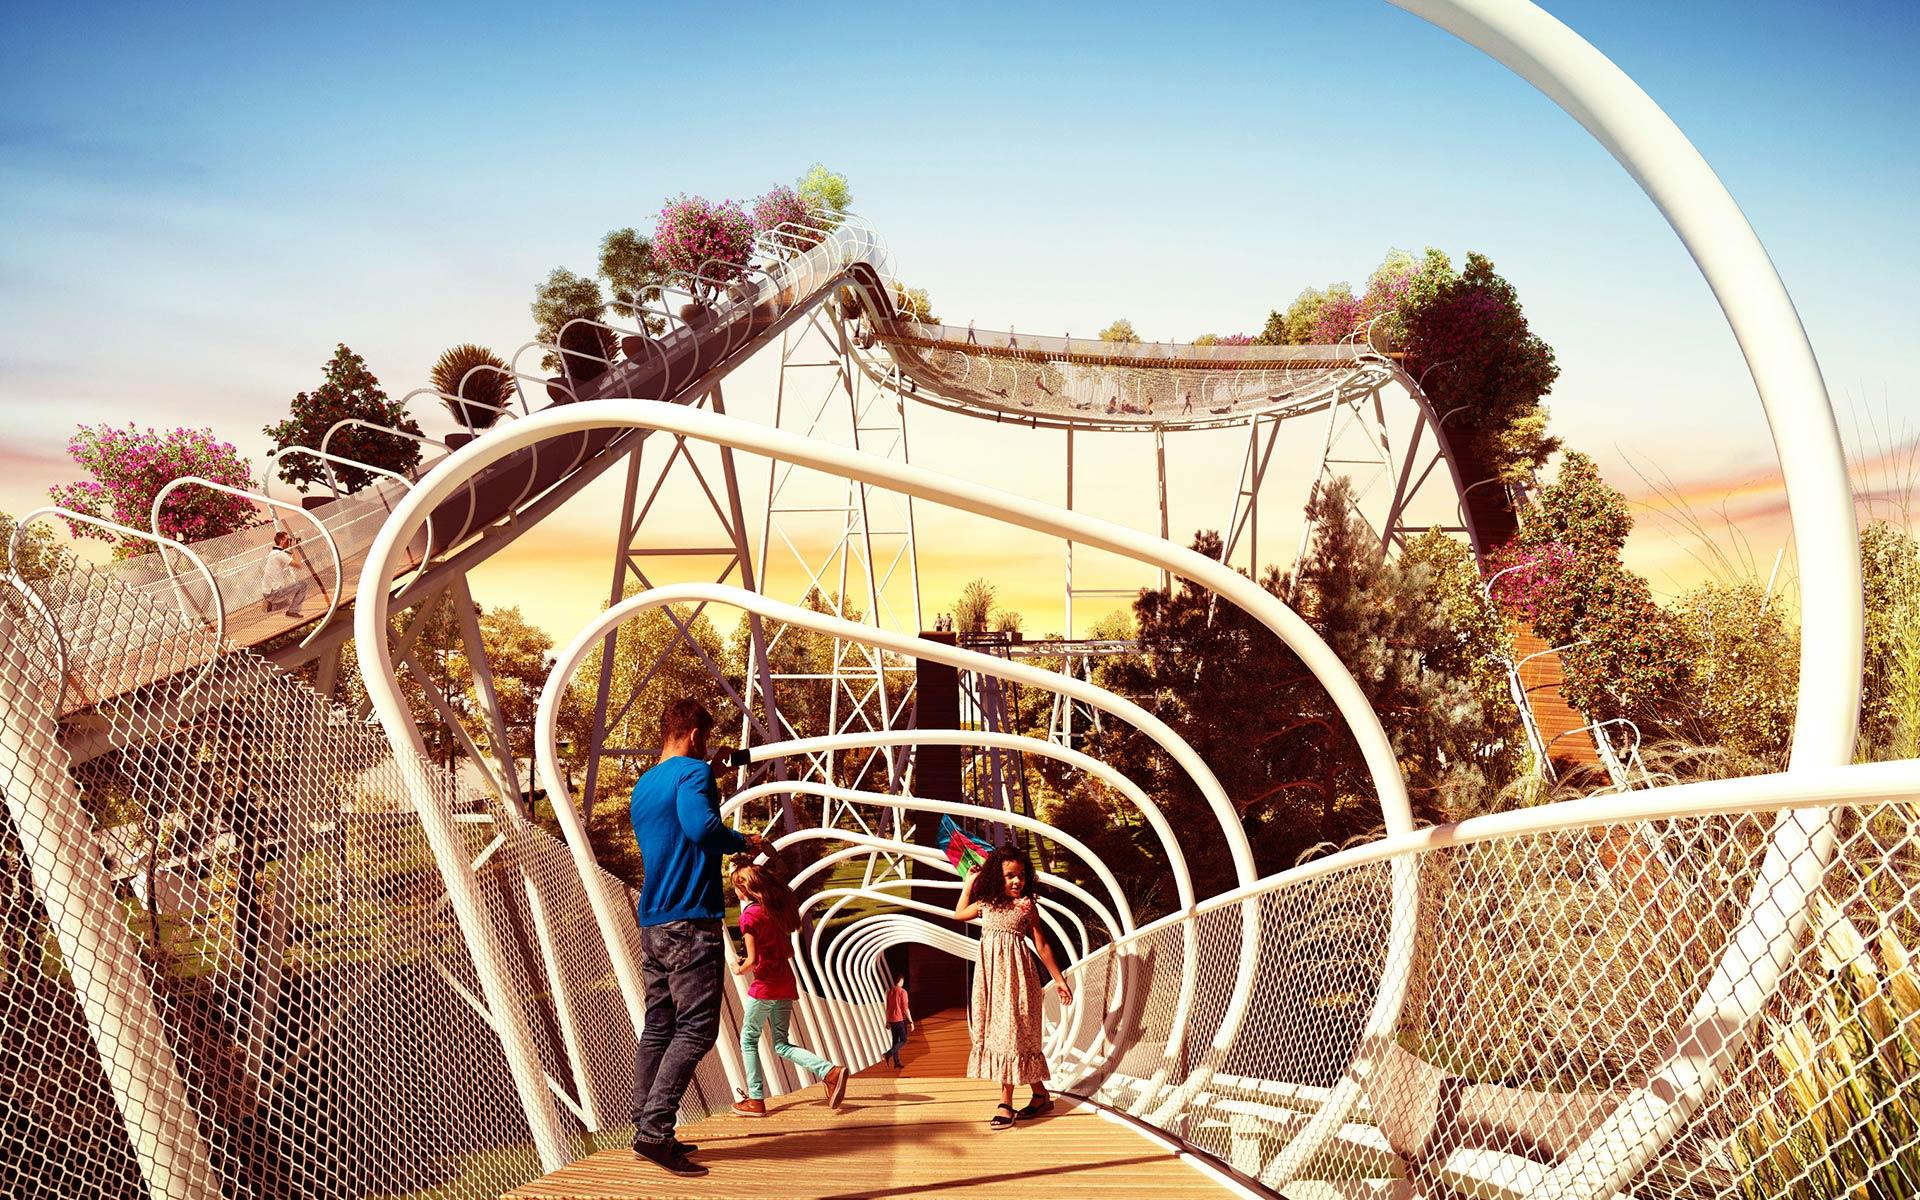 Arquitectura y Paisaje Premio Parque de la Ciudad La antigua montaña rusa vertigorama transformada en un paseo por el canopy del bosque